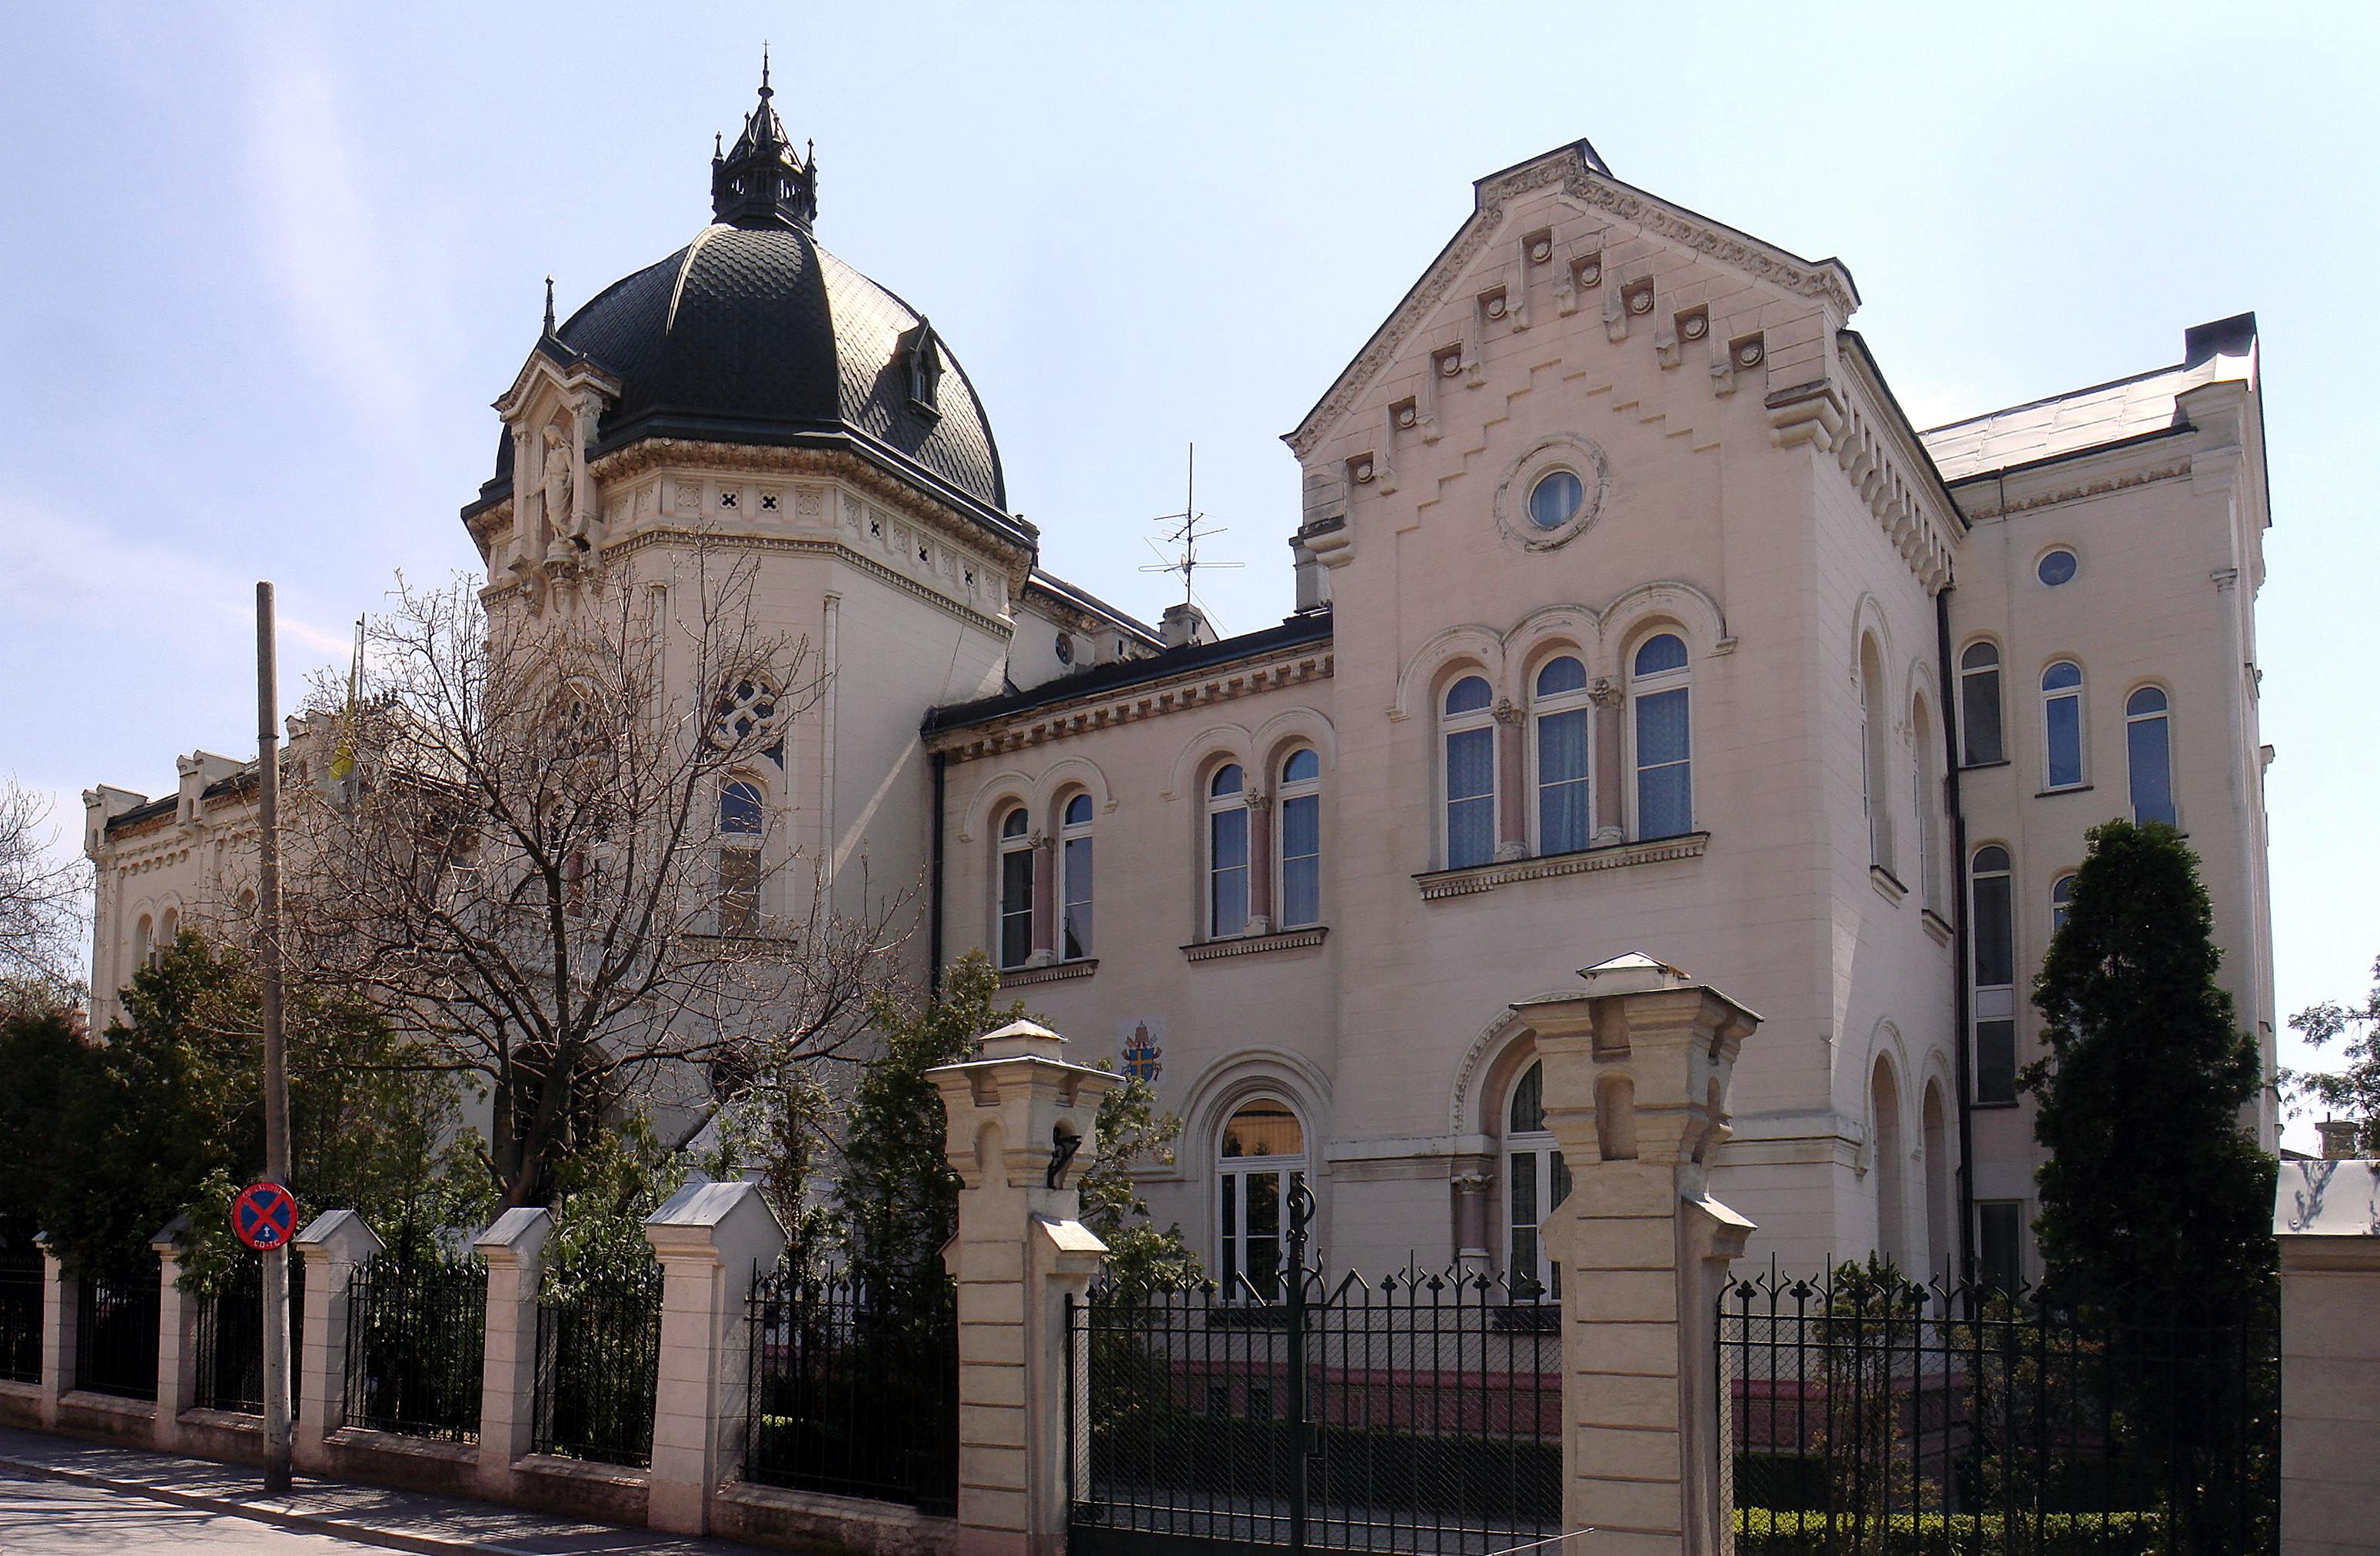 Palatul_Nuntiaturii_Apostolice_din_Bucuresti_-_Cod_LMI_B-II-m-A-19725